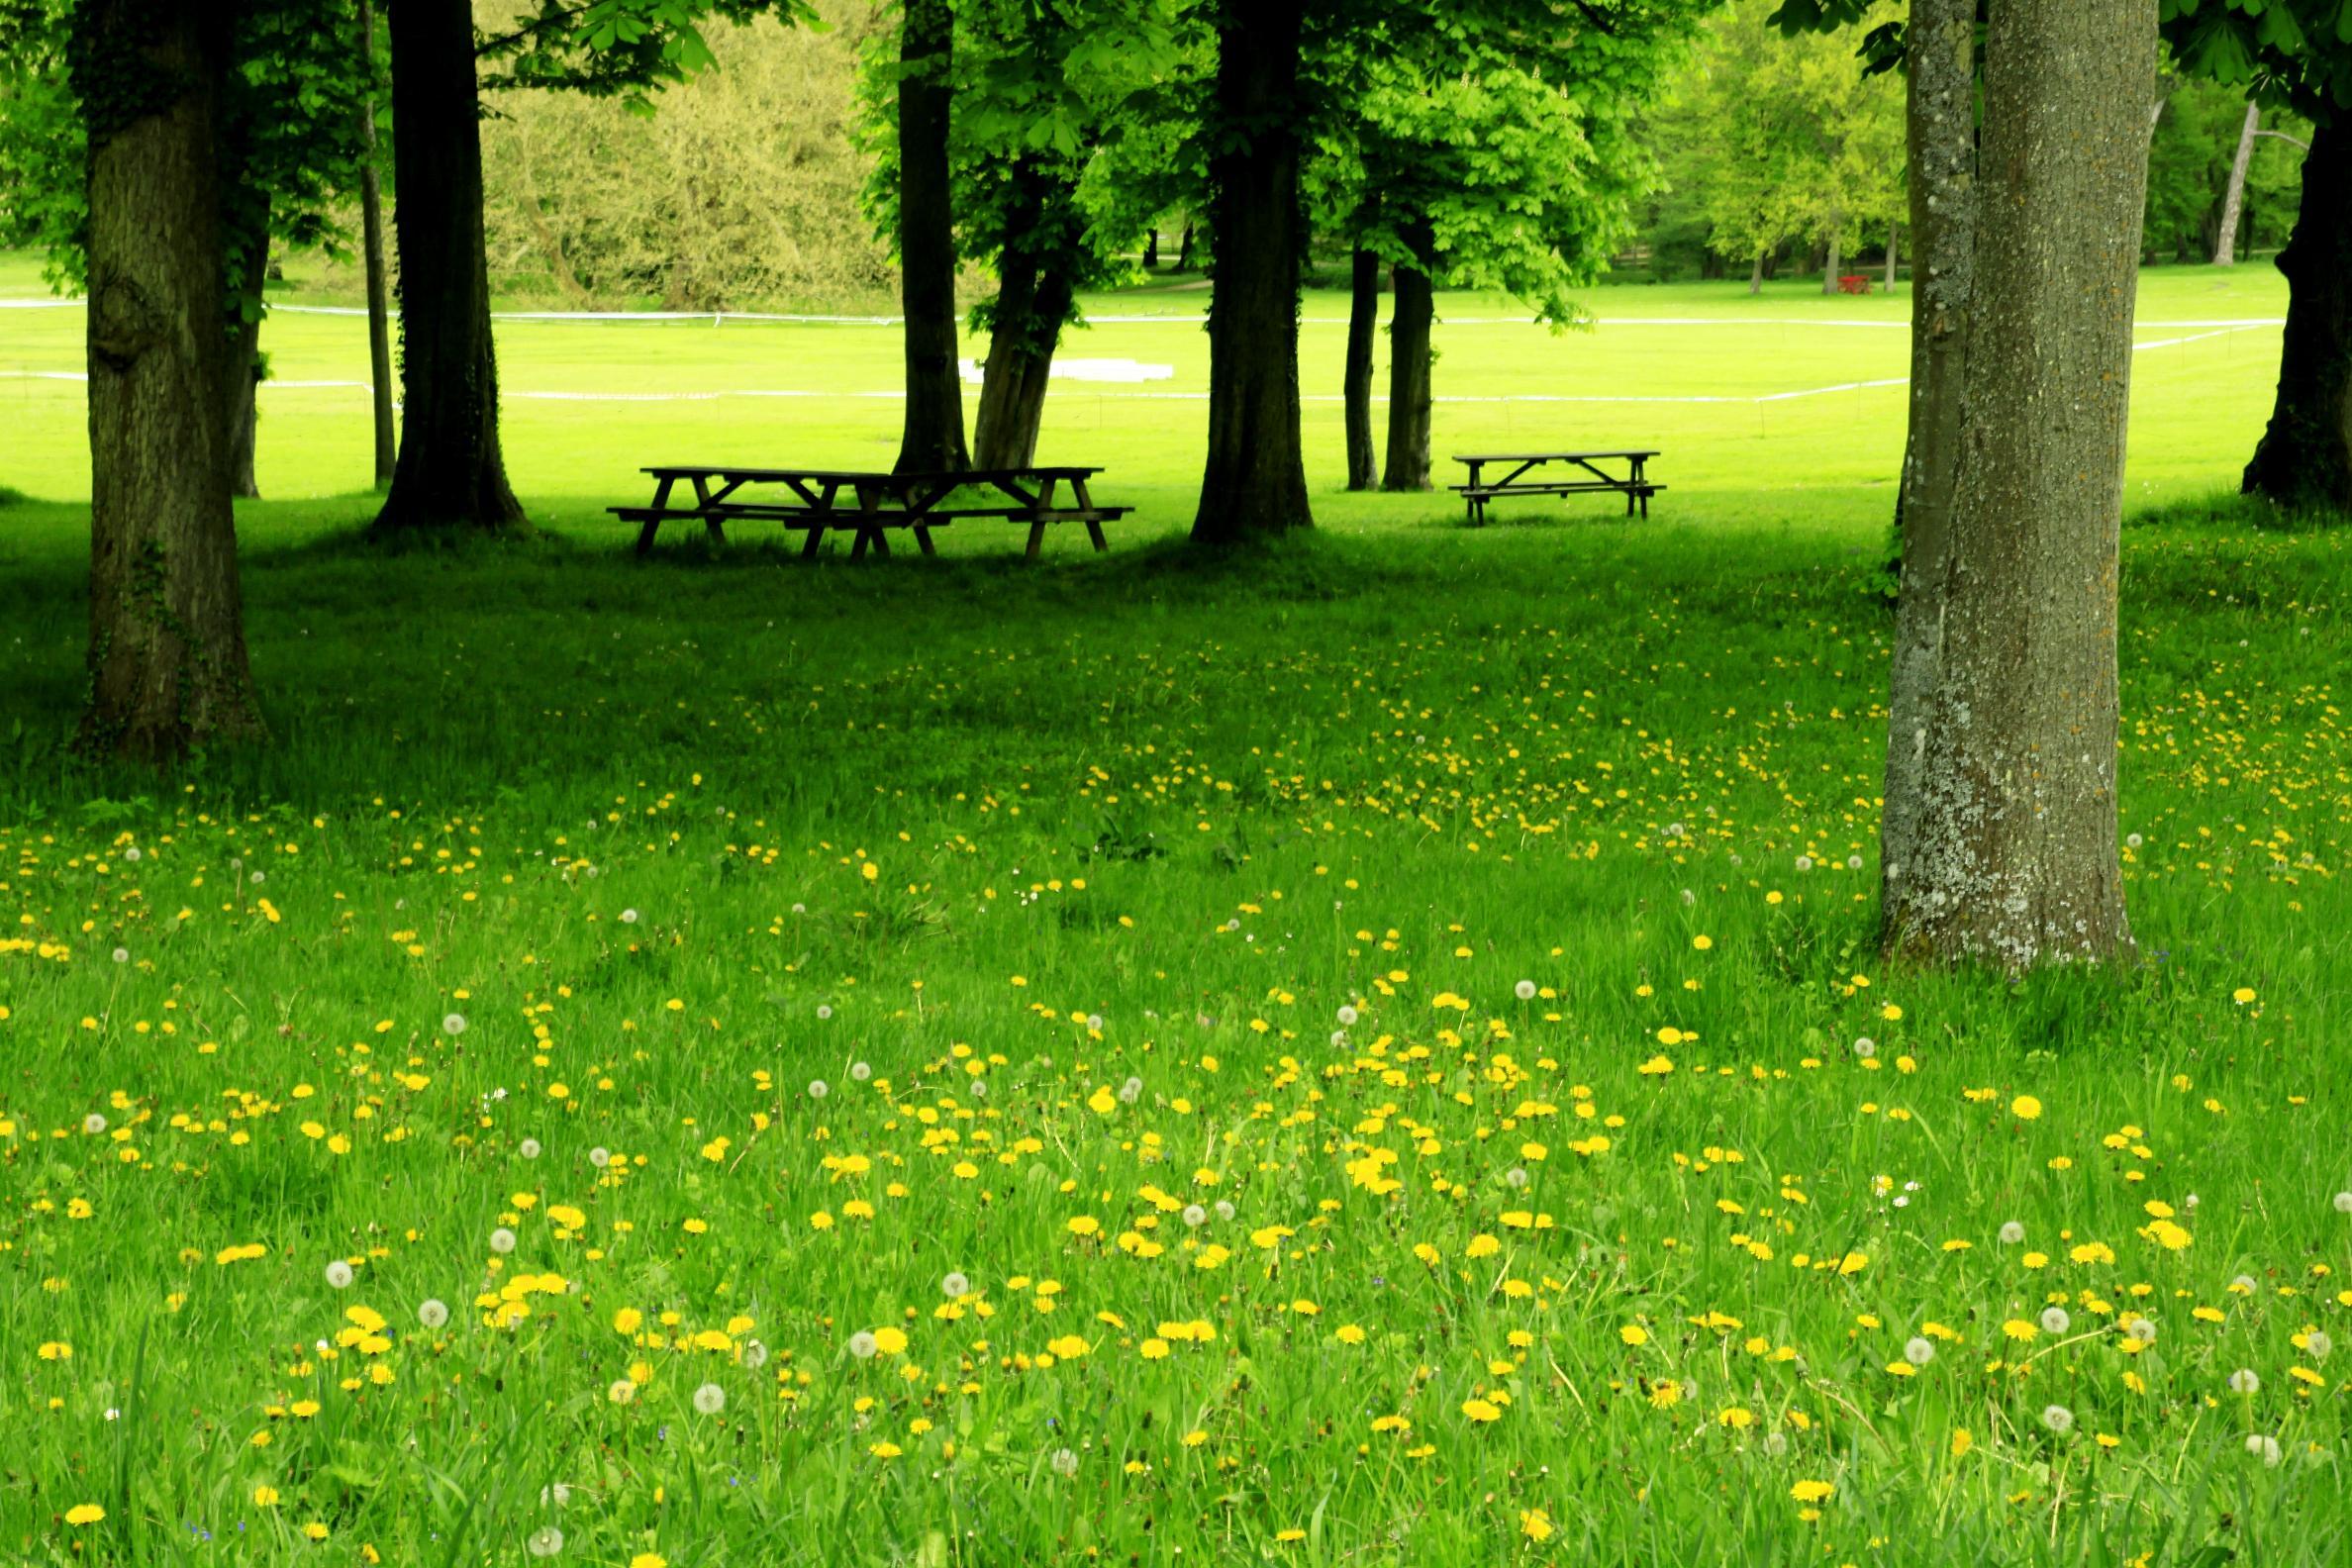 Hình ảnh bãi cỏ xanh hoa vàng